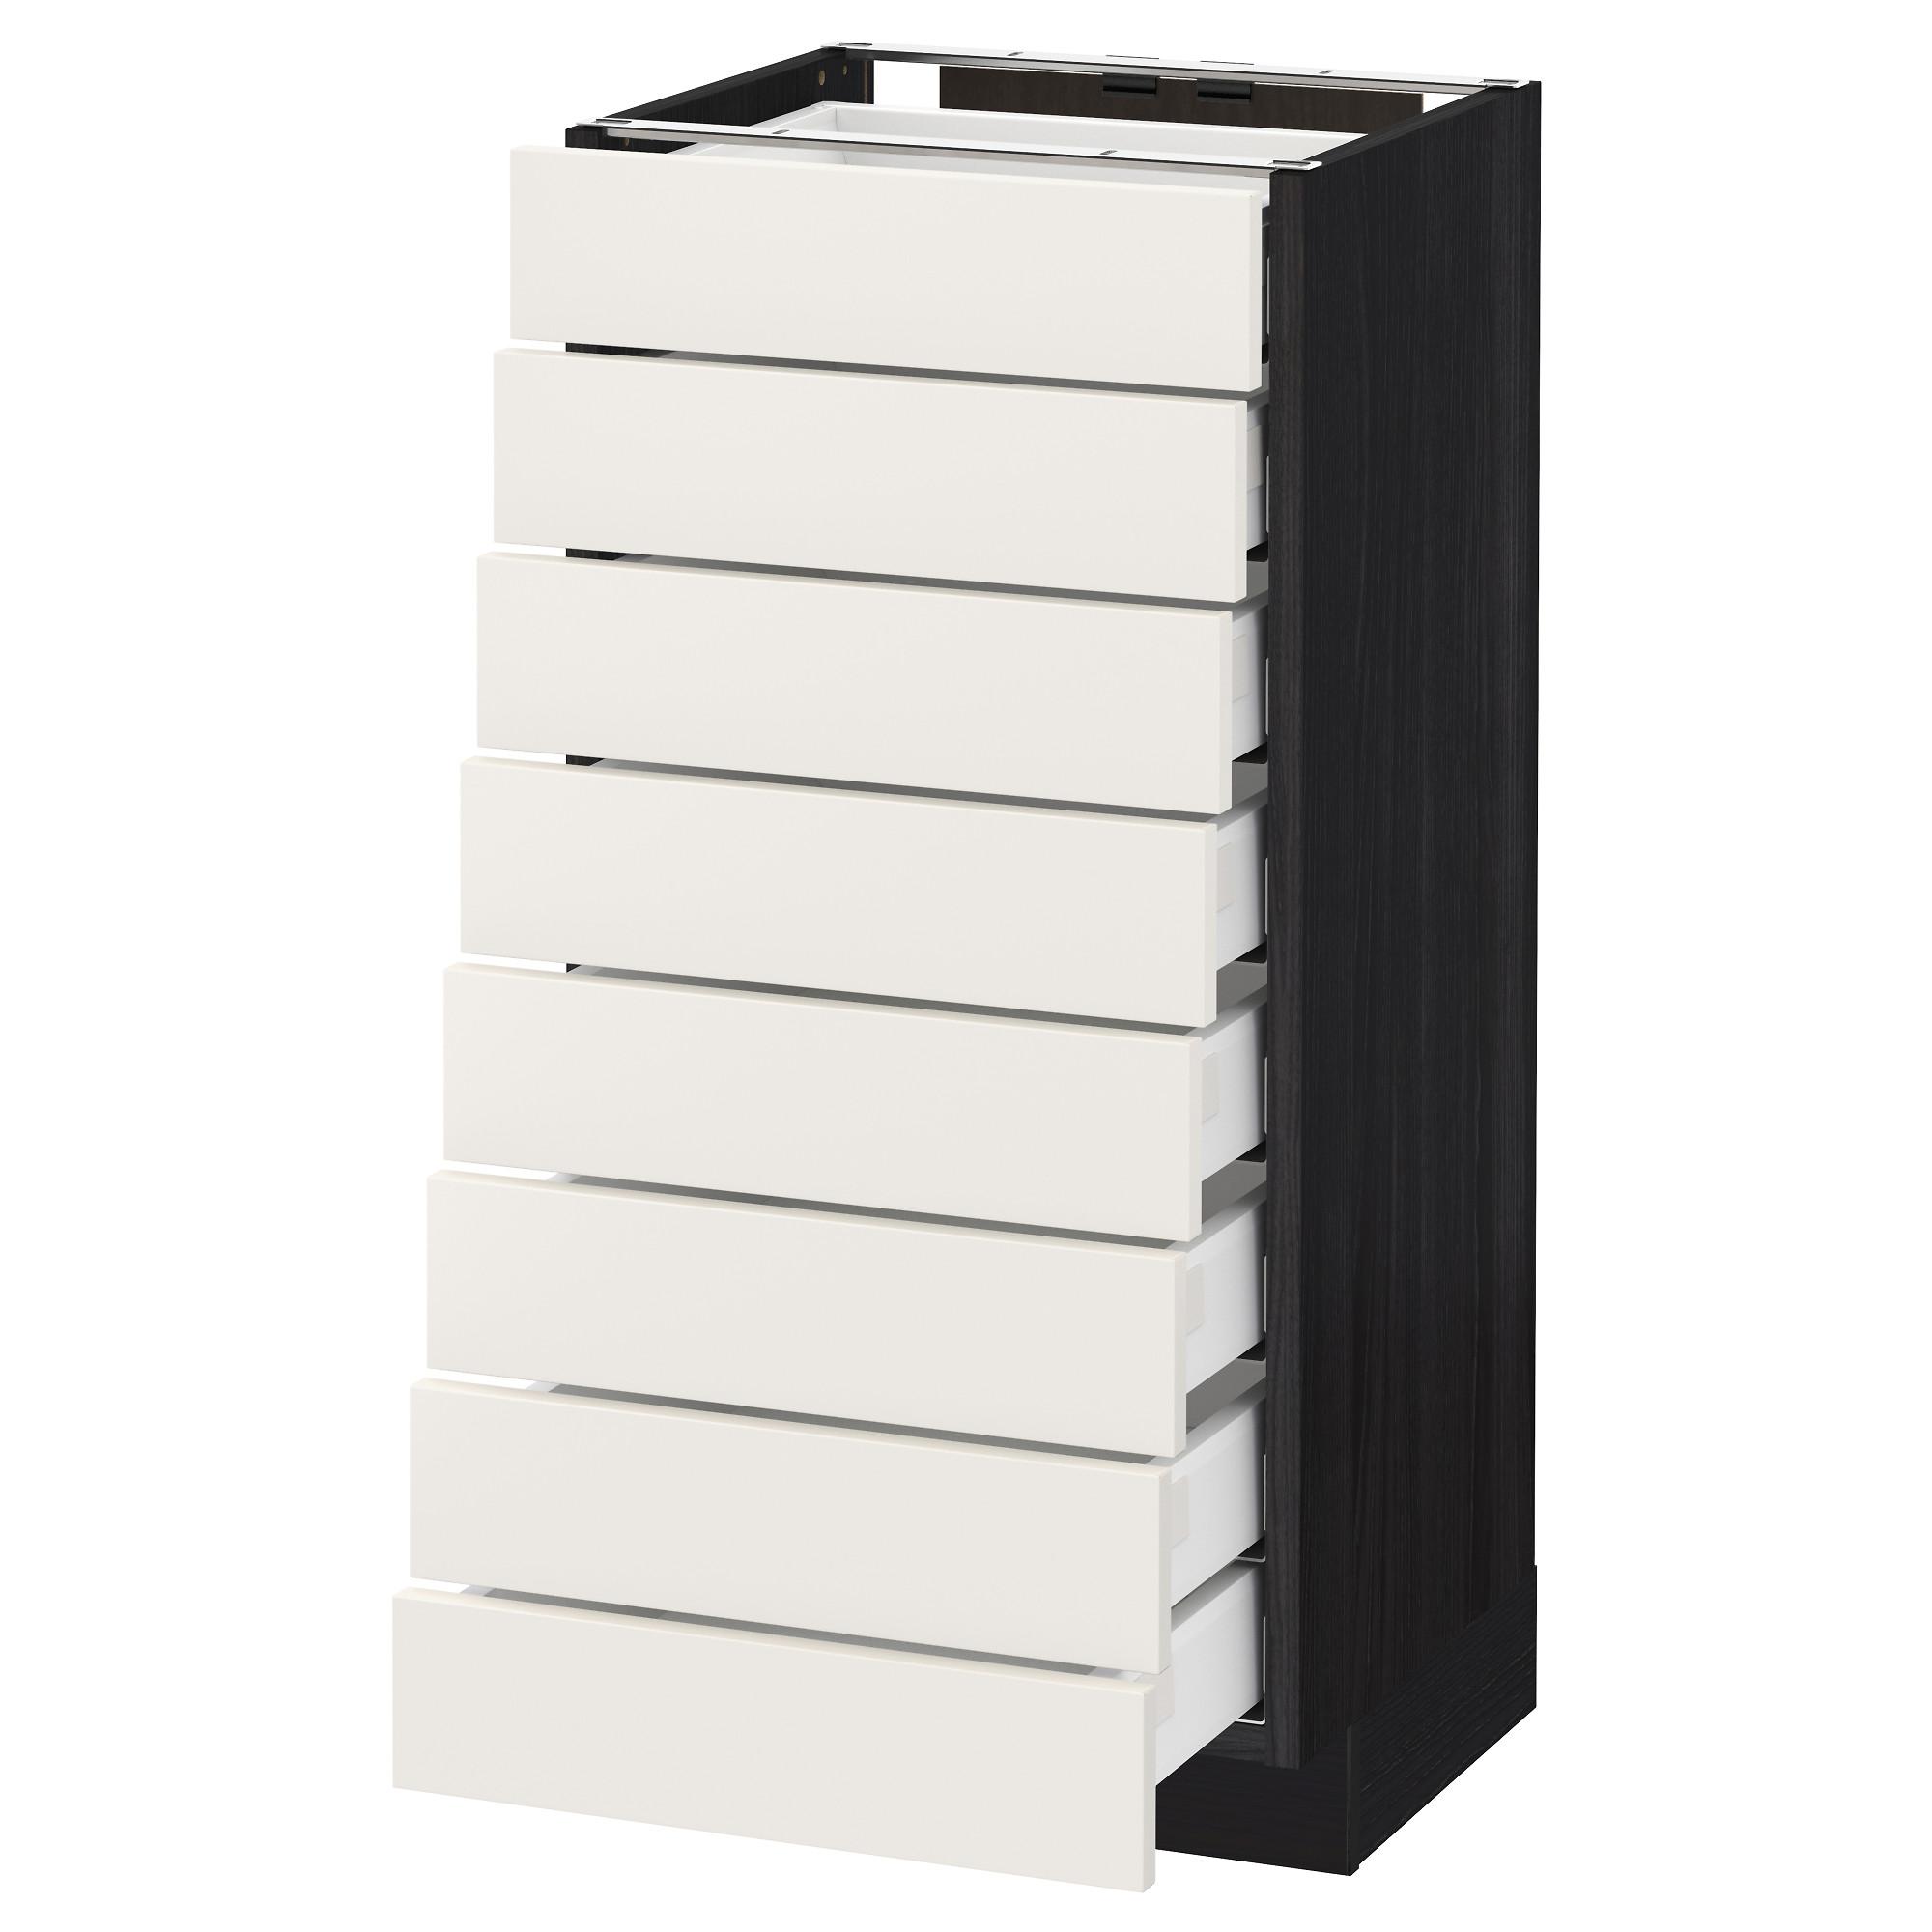 Напольный шкаф 8 фронтальных, 8 низких ящиков МЕТОД / МАКСИМЕРА черный артикуль № 192.369.94 в наличии. Онлайн сайт IKEA Минск. Быстрая доставка и соборка.